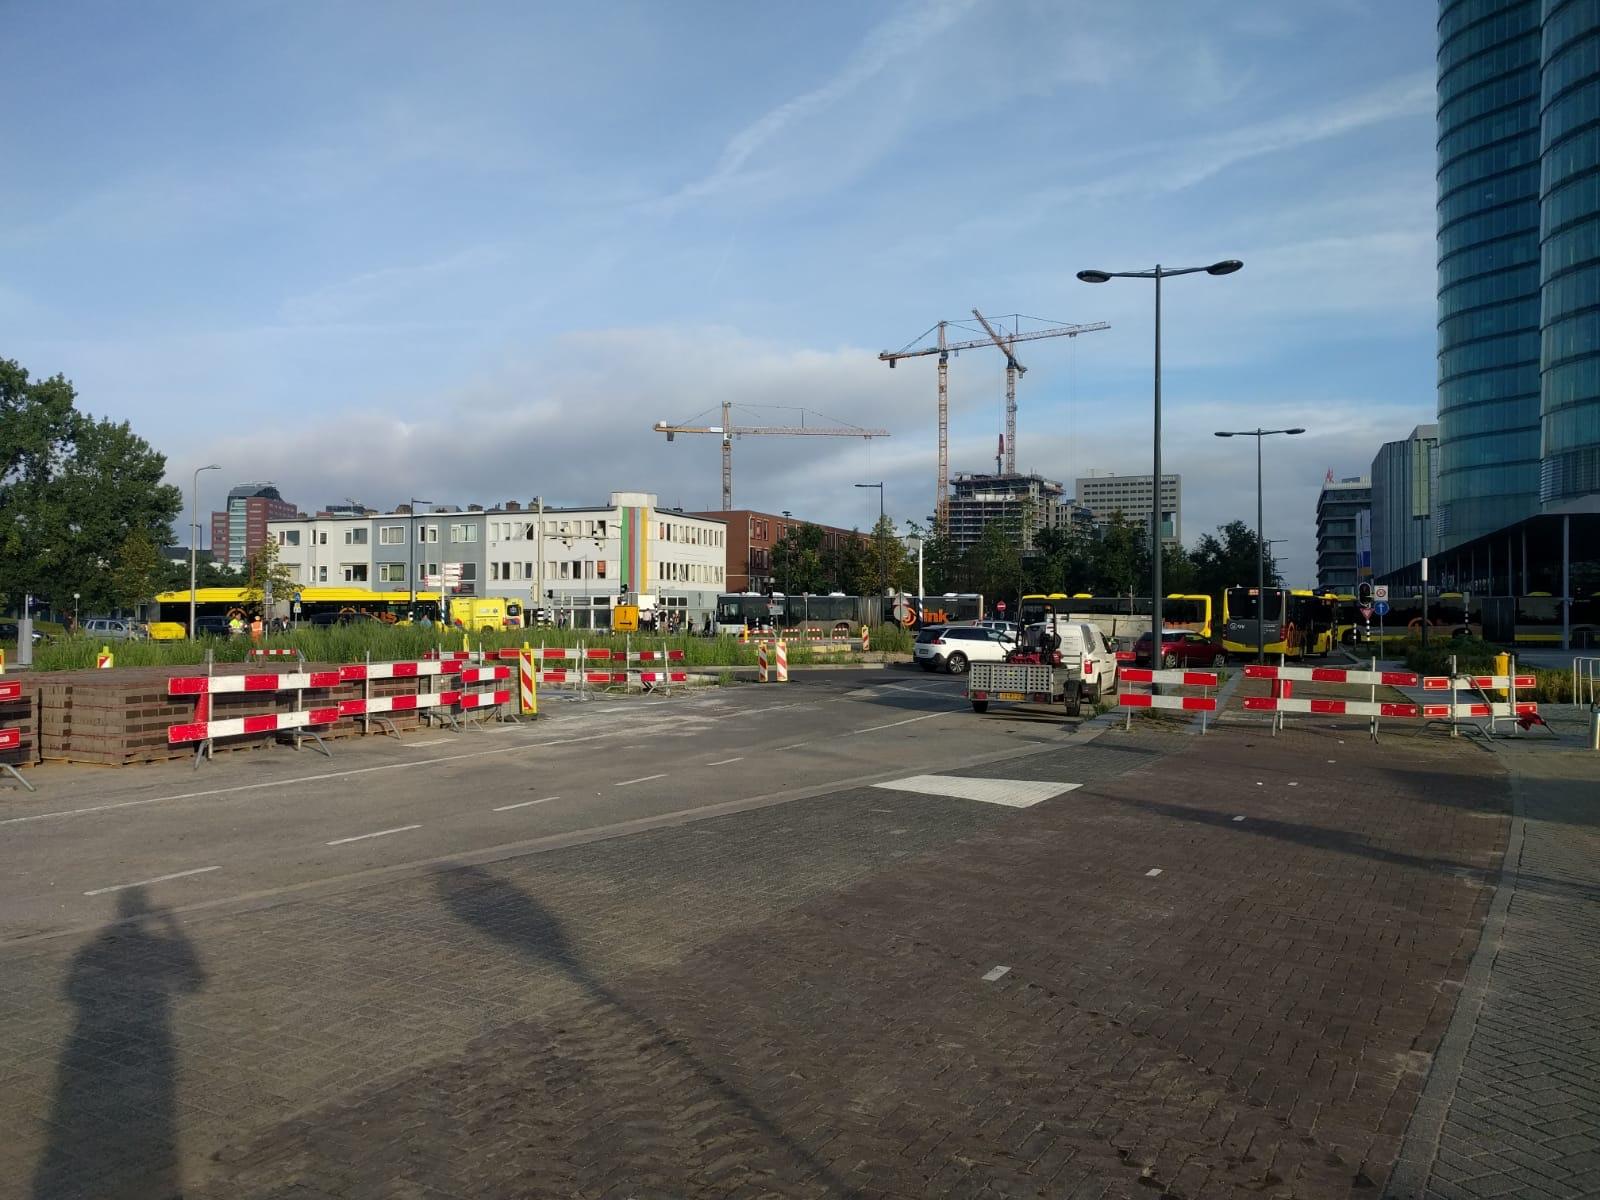 SP: vraagtekens bij verkeersveiligheid na dodelijk ongeluk kruising Croeselaan en Van Zijstweg.